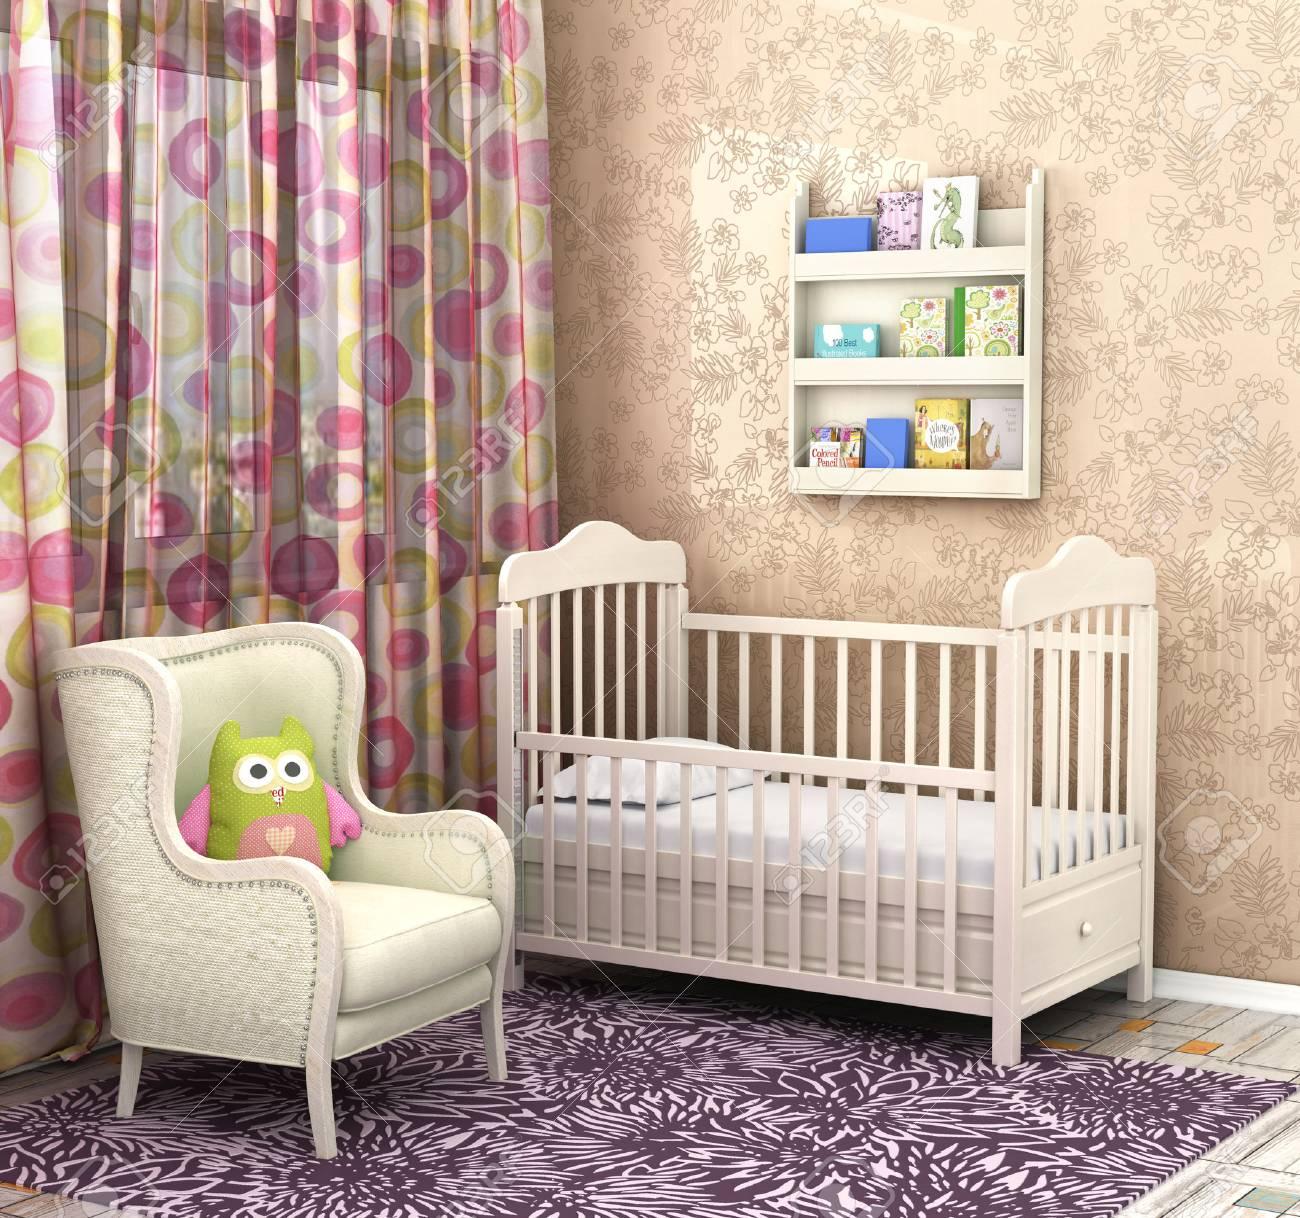 Schlafzimmer Baby. Komfortable Zimmer Für Ein Kind Lizenzfreie Fotos ...